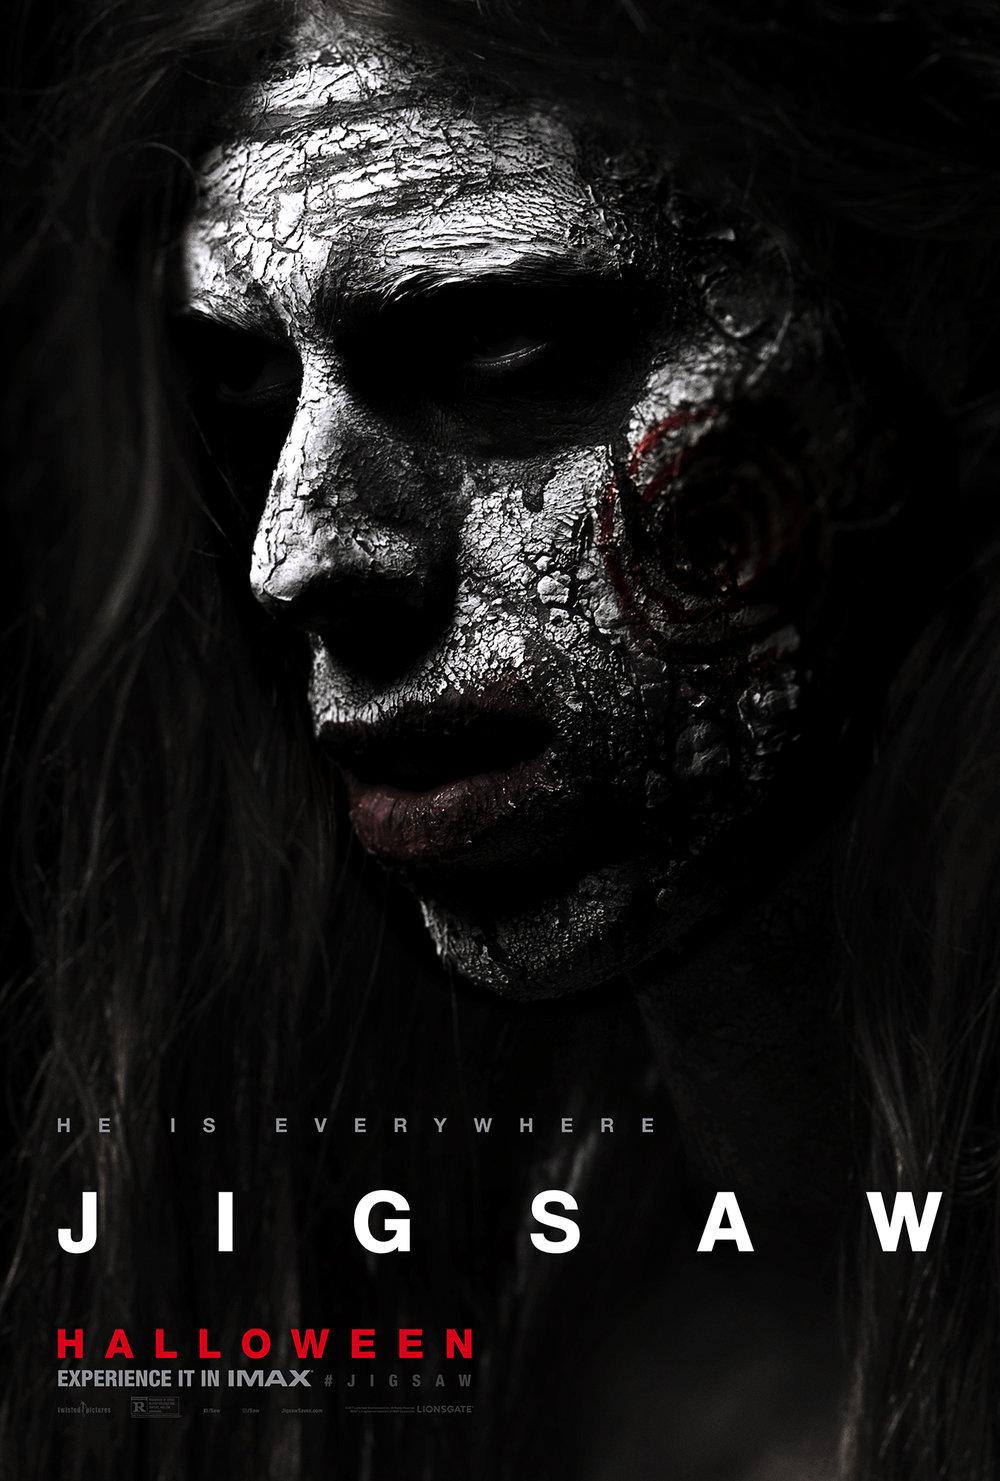 Jigsaw_Wildpost_Online_Augustus_100dpi.jpg